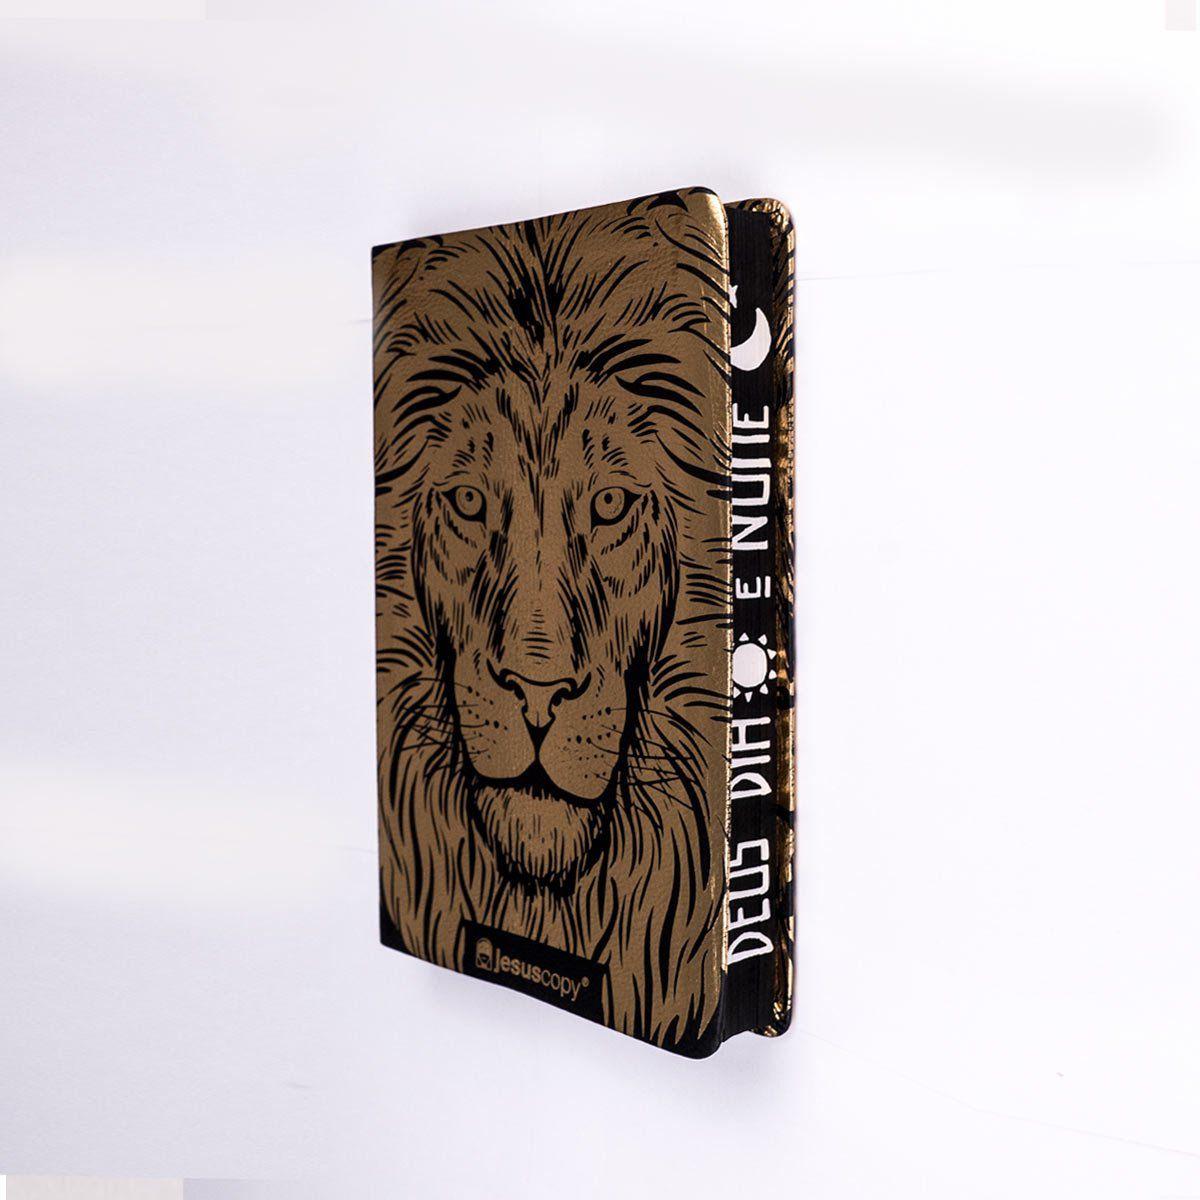 Bíblia Leão Luxo - NVI - Capa Flexível   - Loja JesusCopy